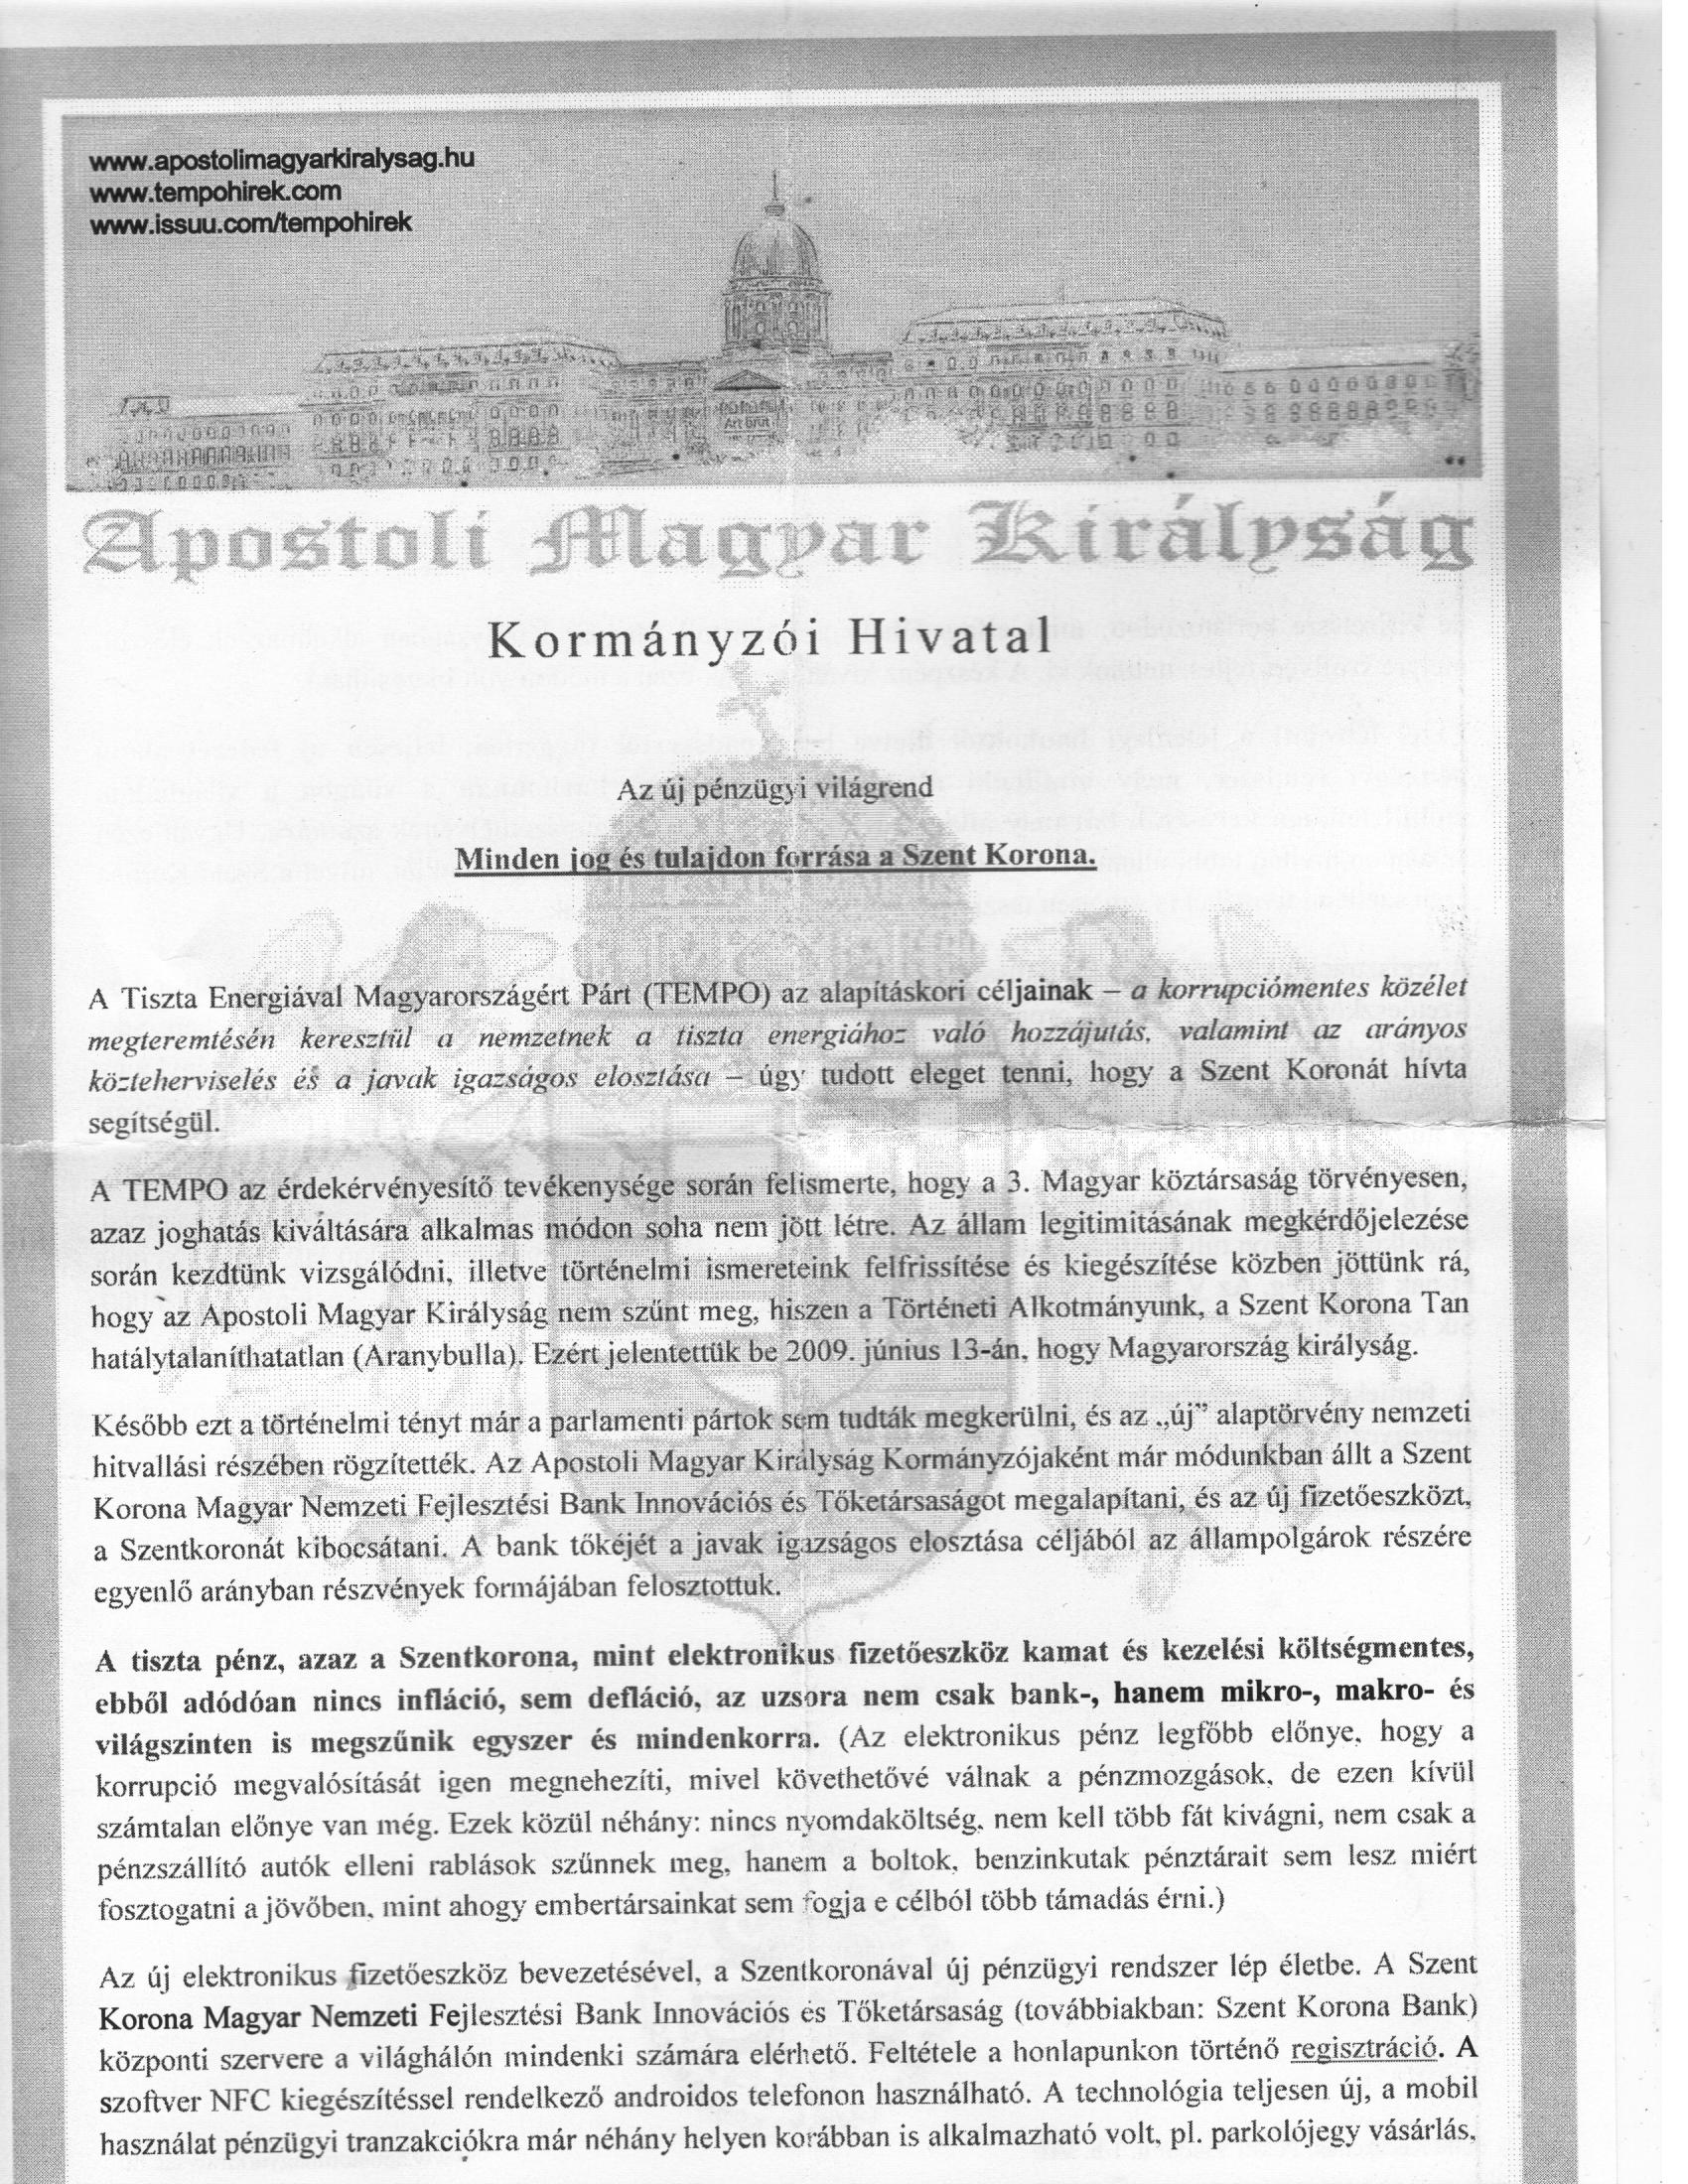 Apostoli Magyar Királyság1